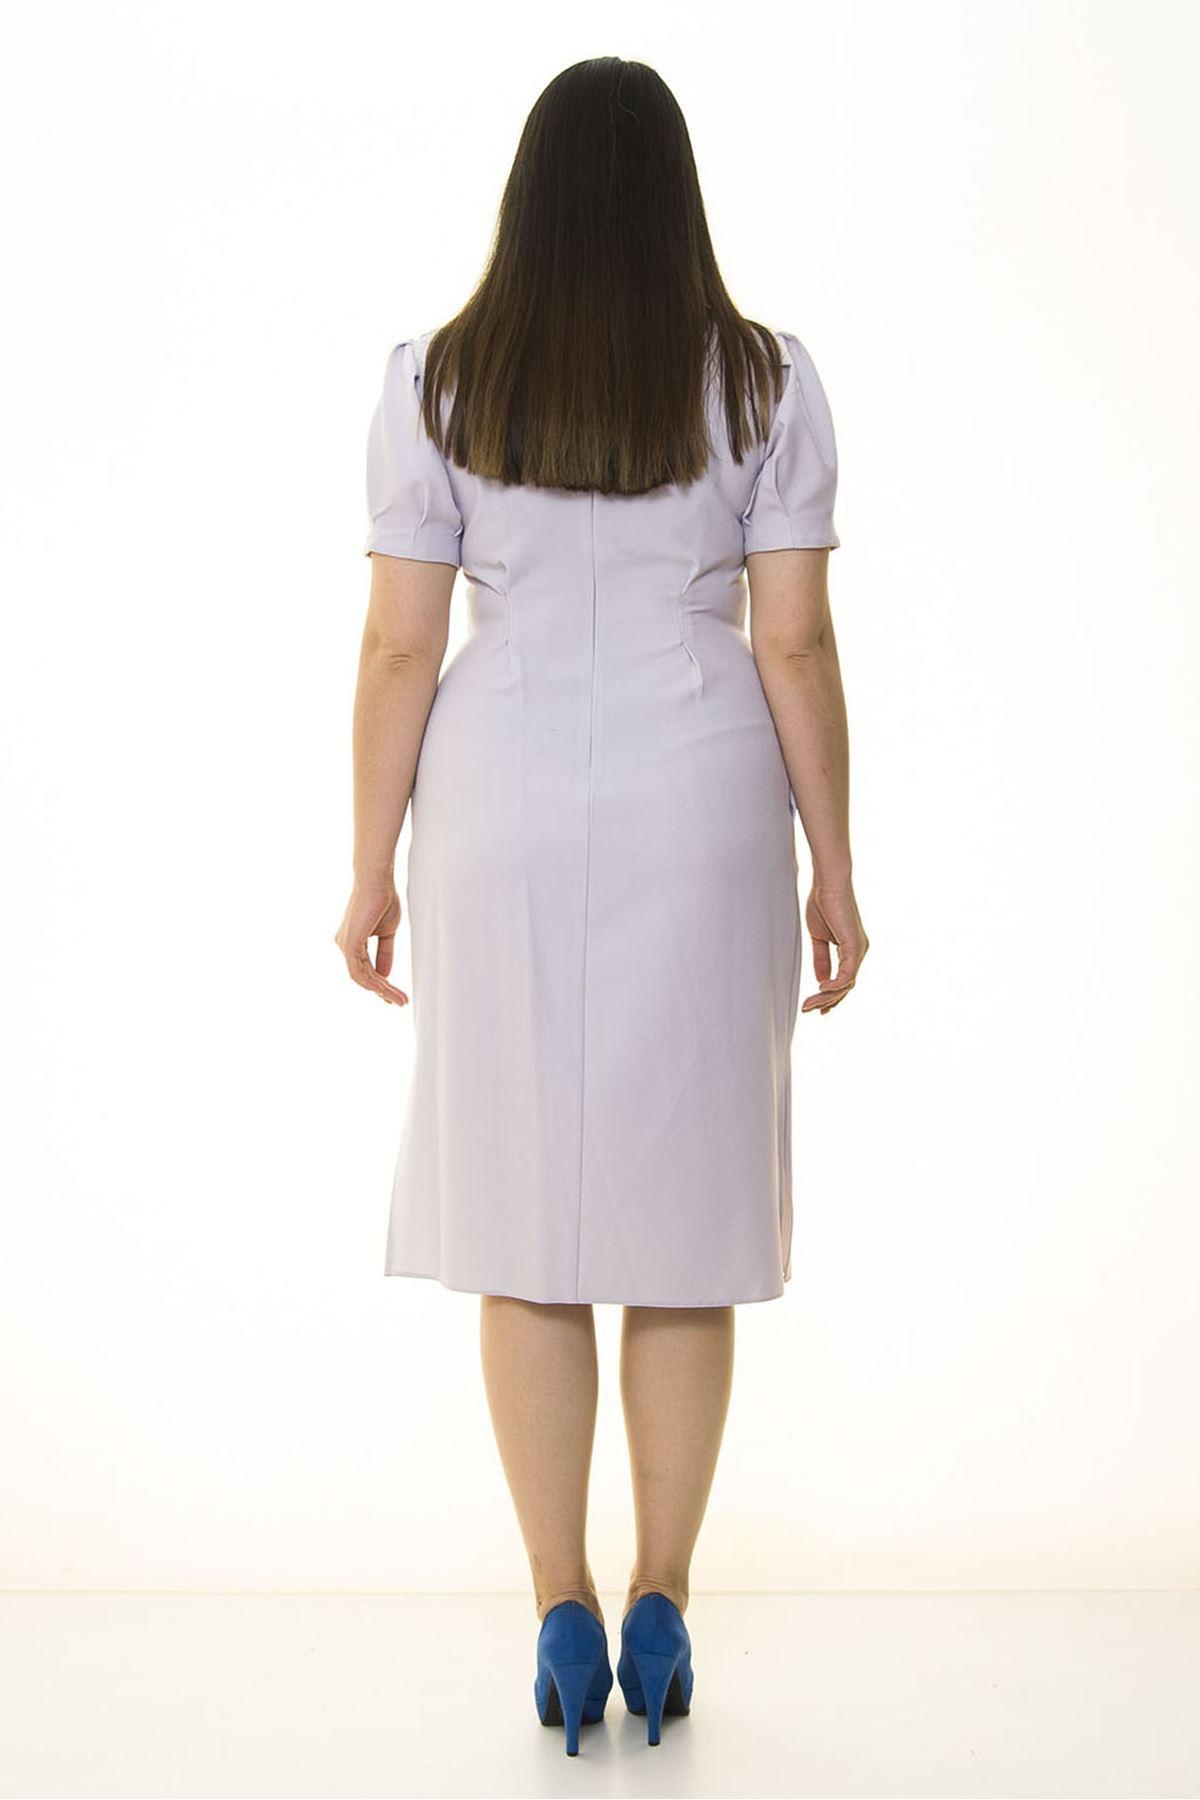 Yandan Yırtmaçlı Büyük Beden Elbise 25A-1332